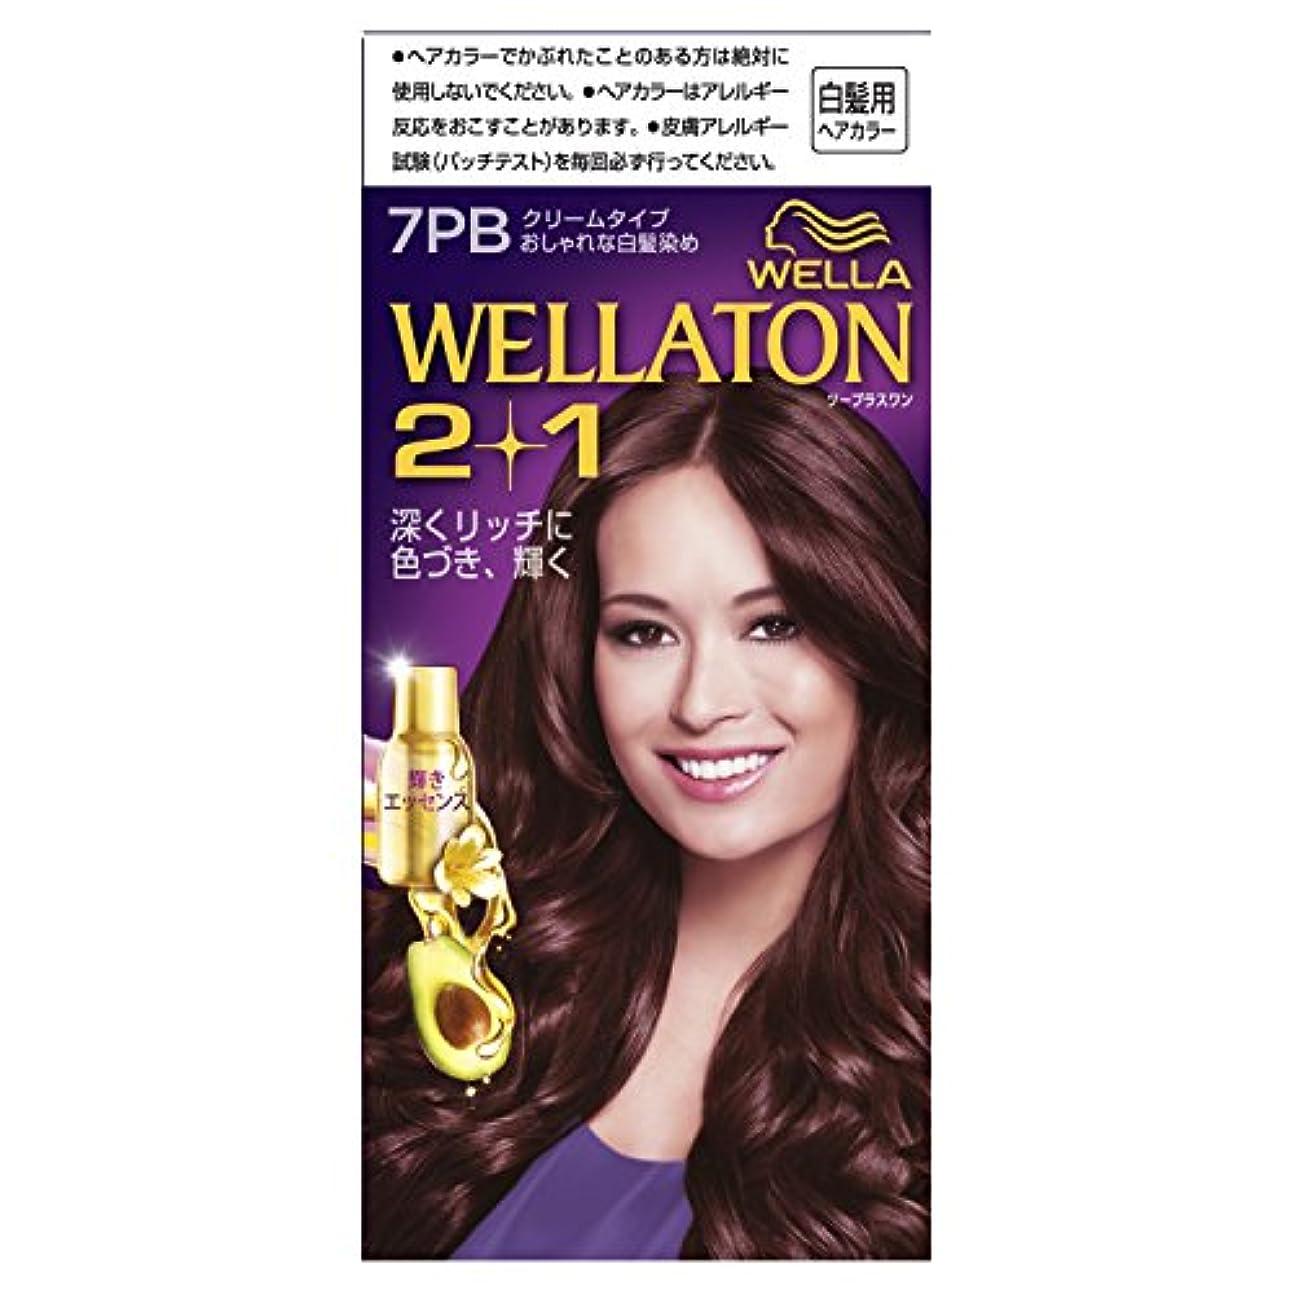 チロ日食想定ウエラトーン2+1 クリームタイプ 7PB [医薬部外品](おしゃれな白髪染め)